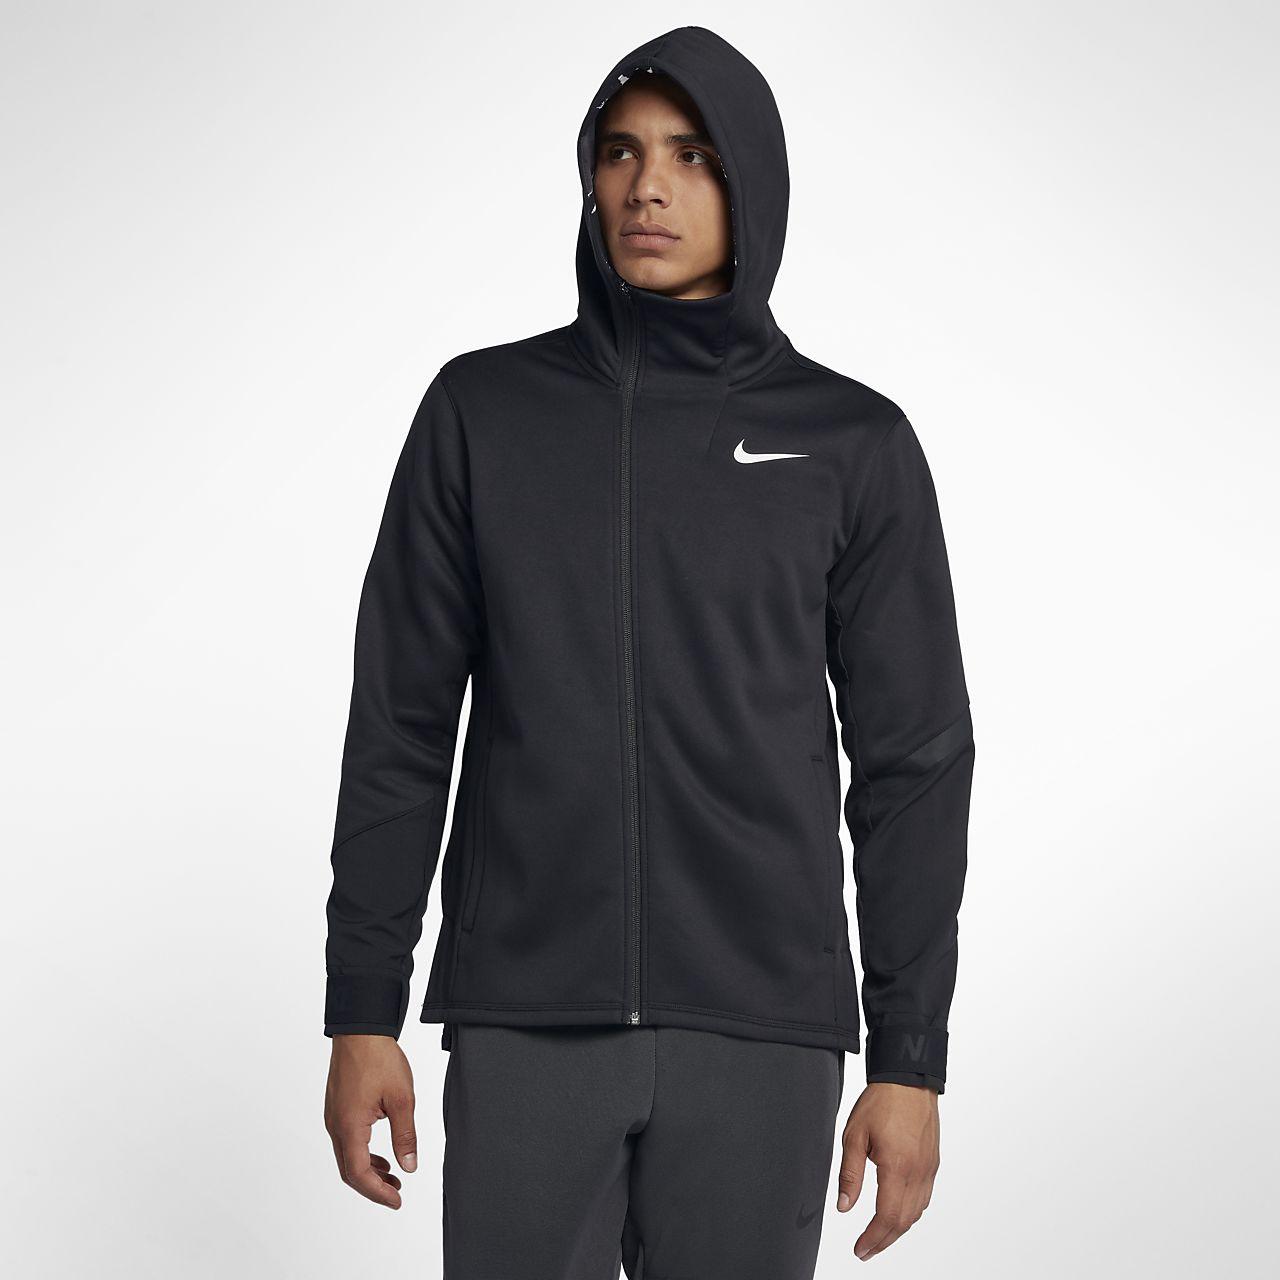 Con De Nike Capucha Entrenamiento Camuflaje Sudadera Therma 7wqIE